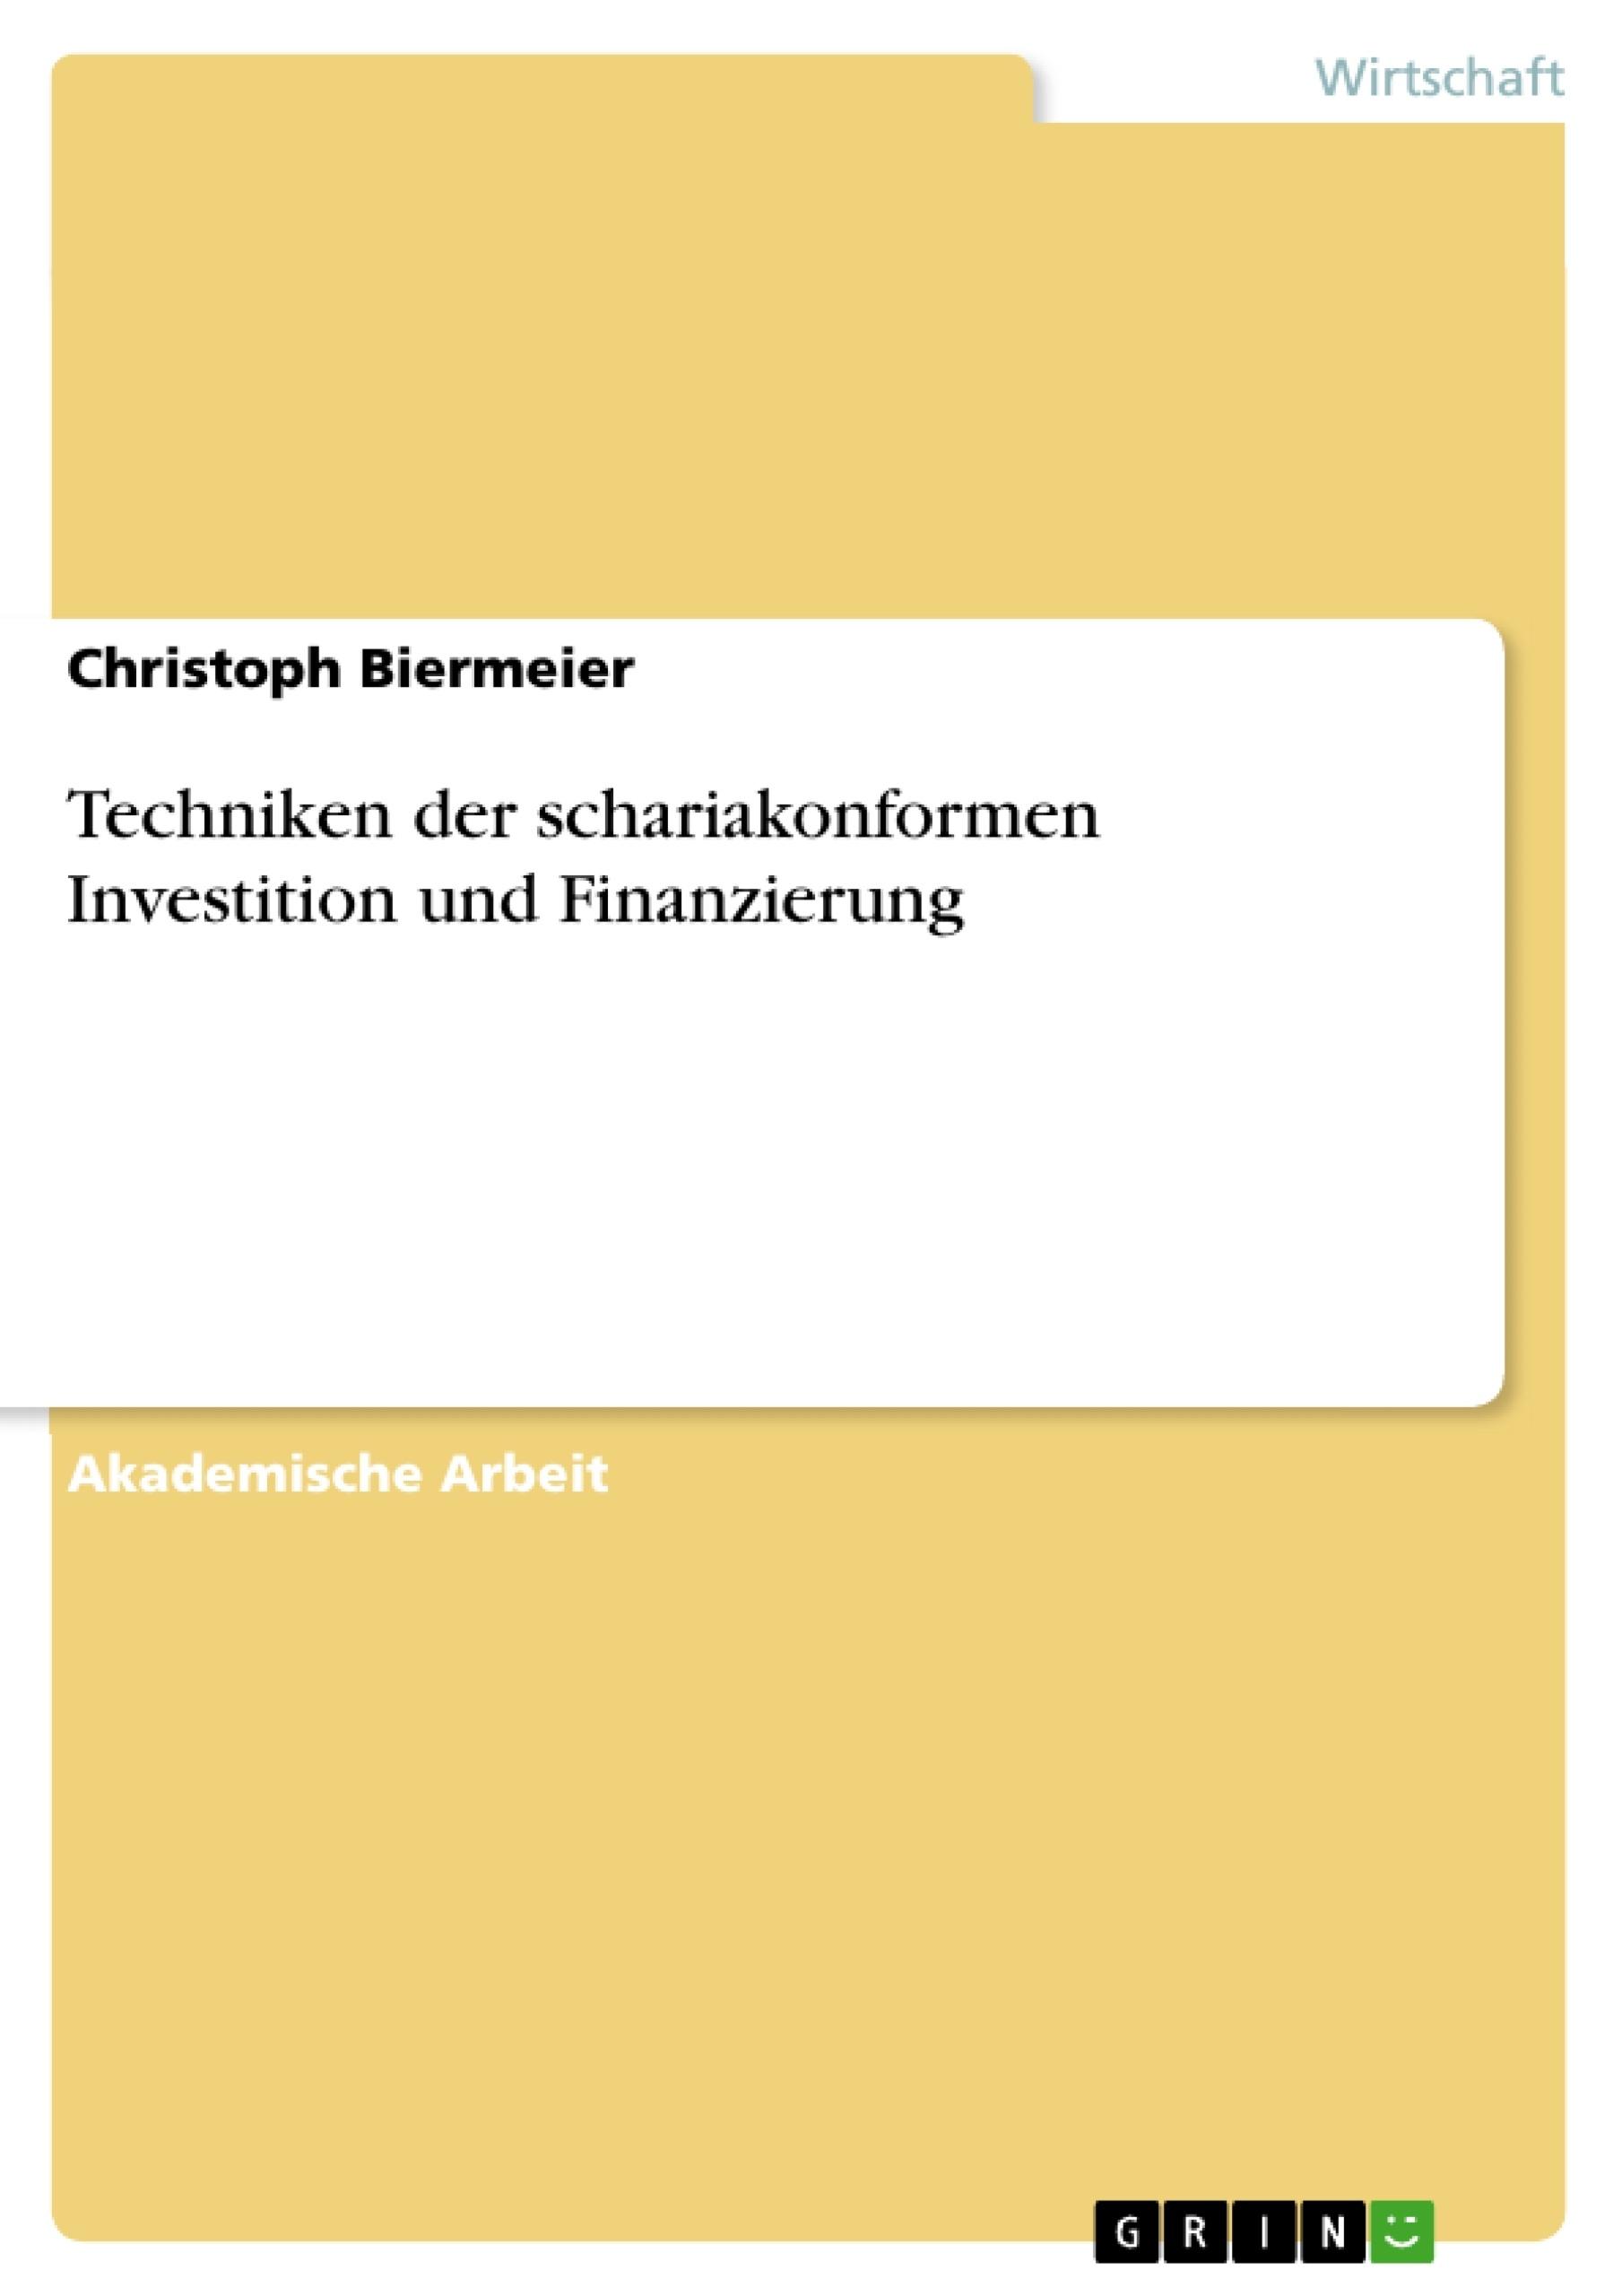 Titel: Techniken der schariakonformen Investition und Finanzierung